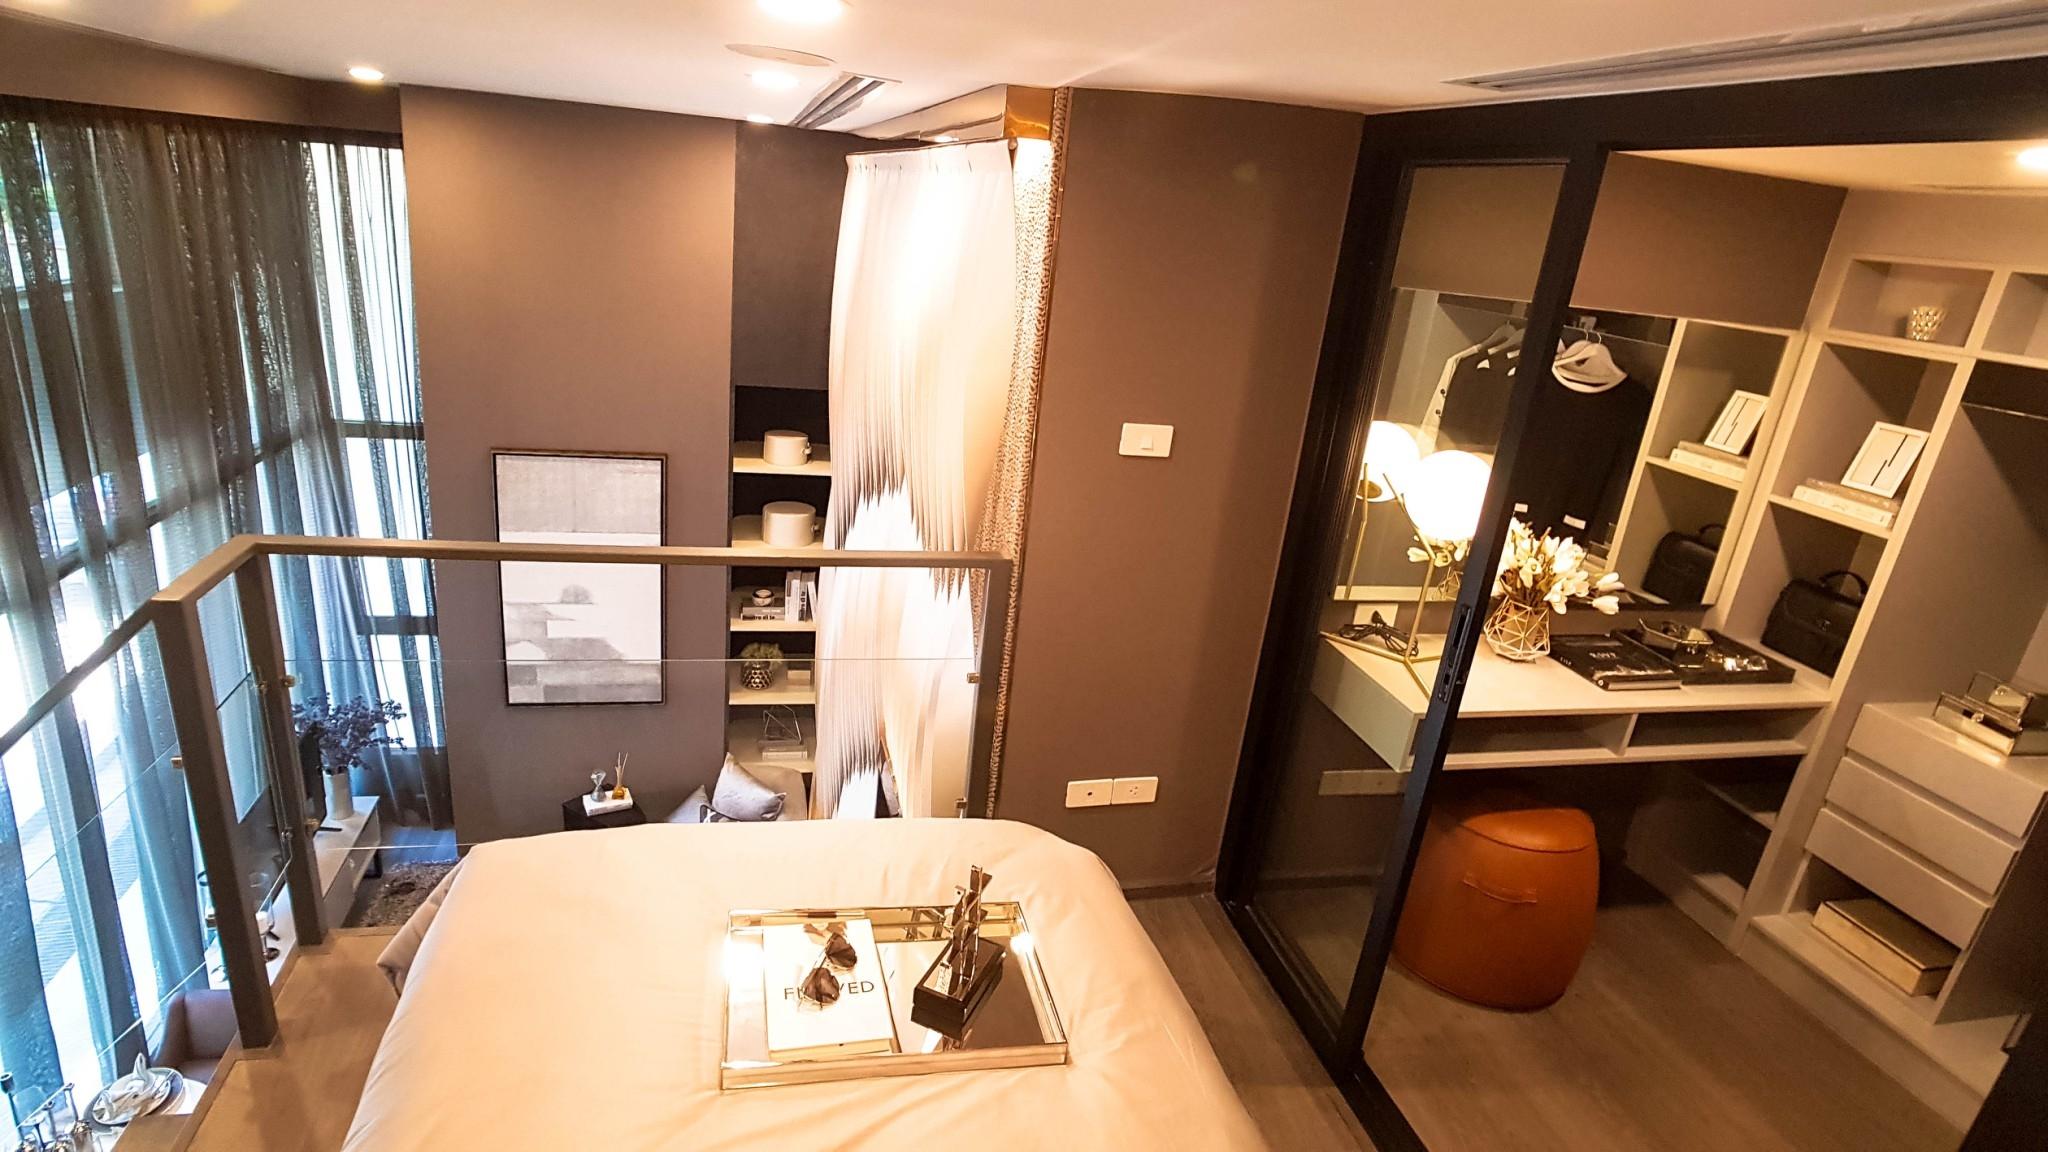 พื้นที่ชั้นบน ที่ออกแบบให้เป็นห้องนอน พร้อม walk-in closet